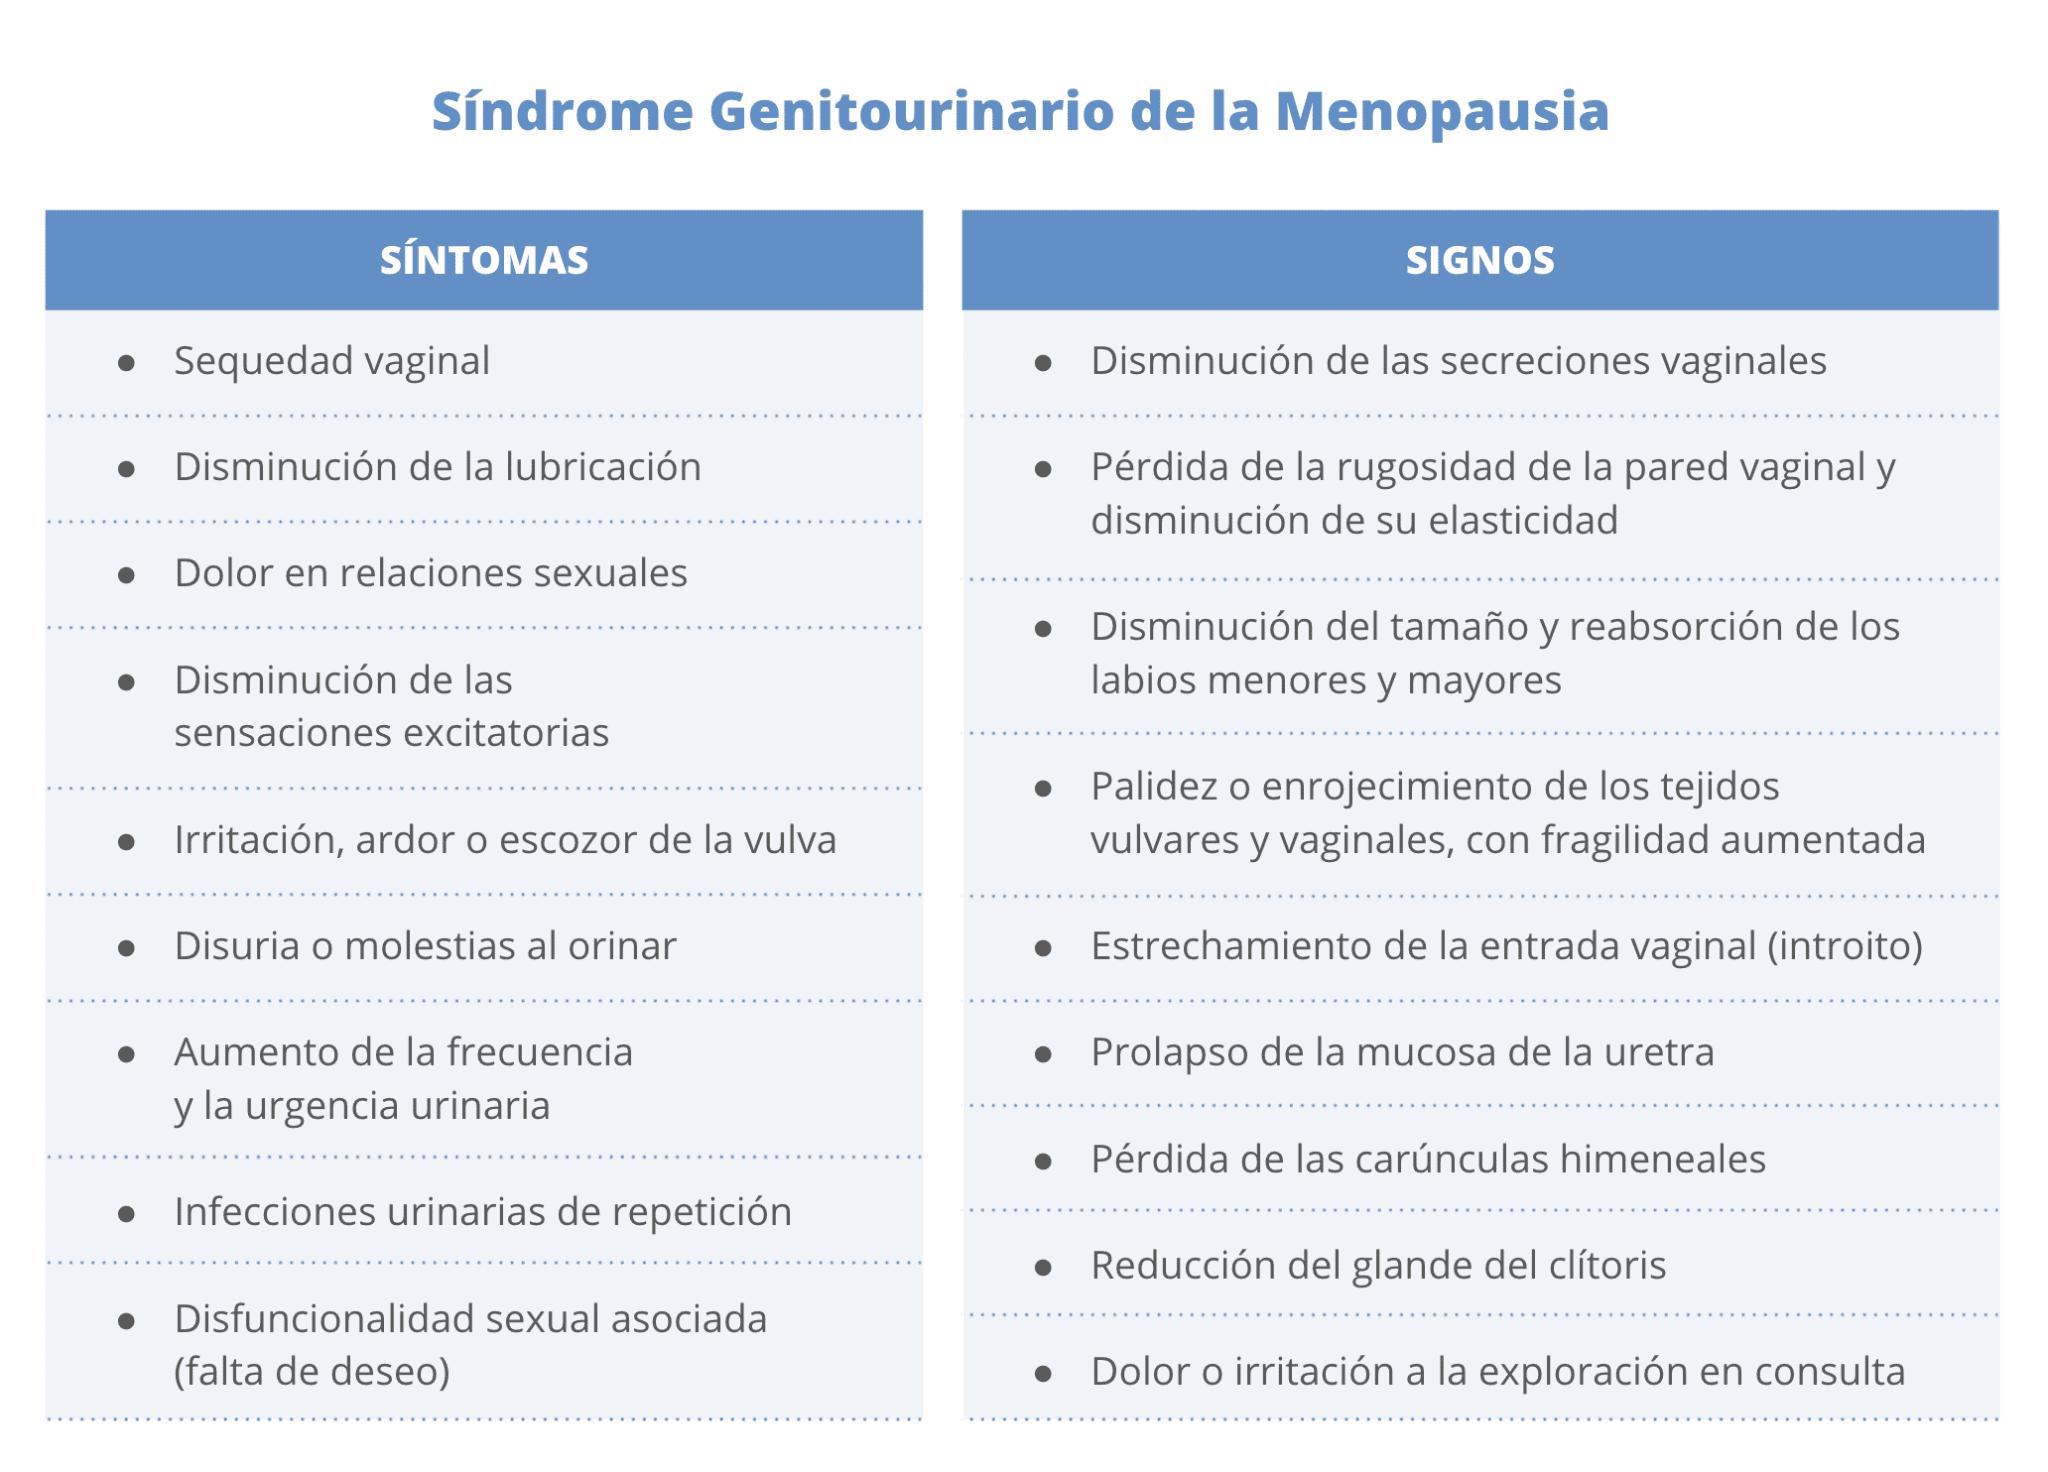 Sindrome Genitourinario de la Menopausia